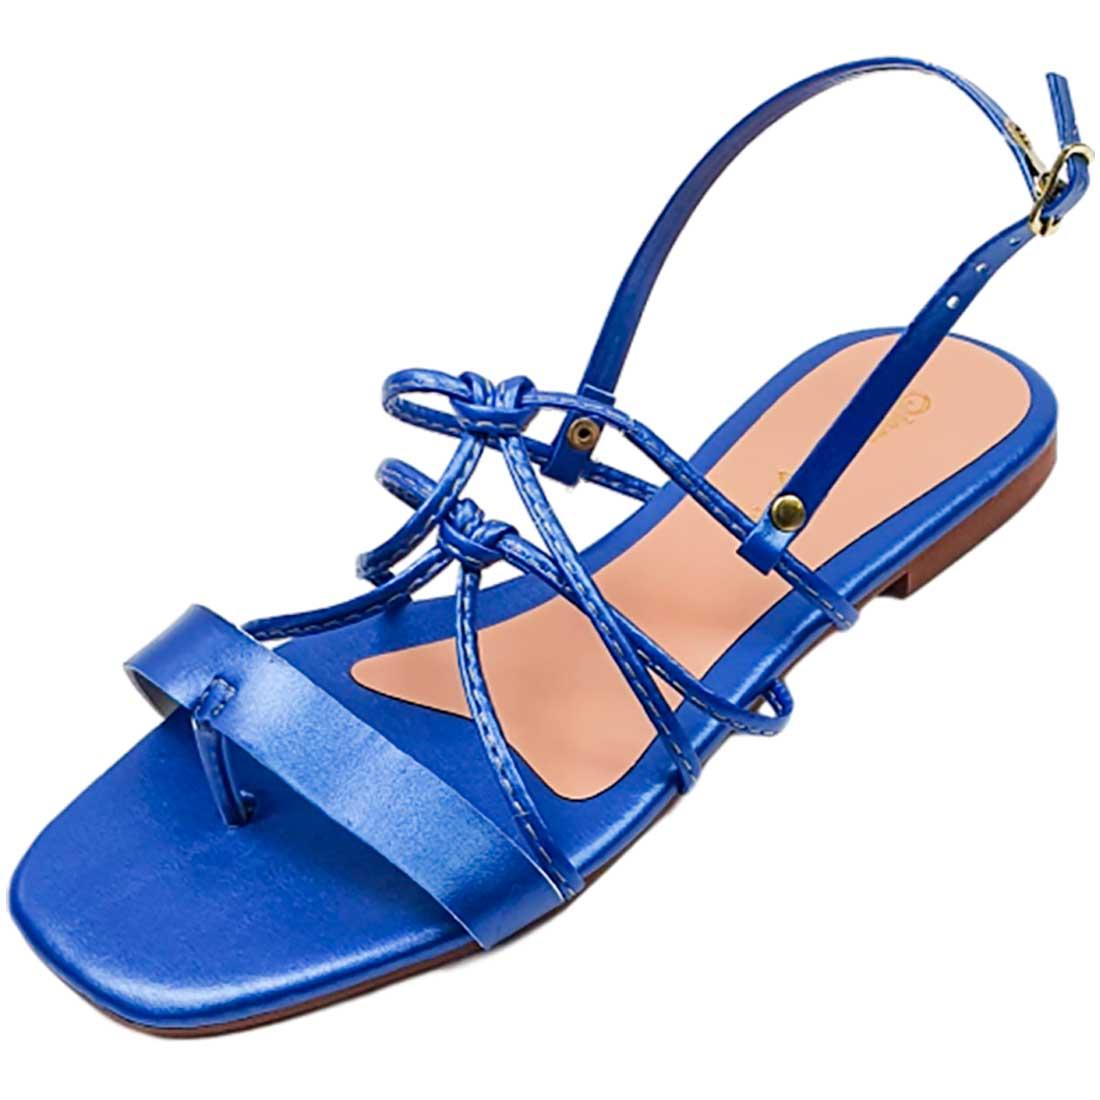 Sandália Rasteira Cruzada Metalizada - Azul